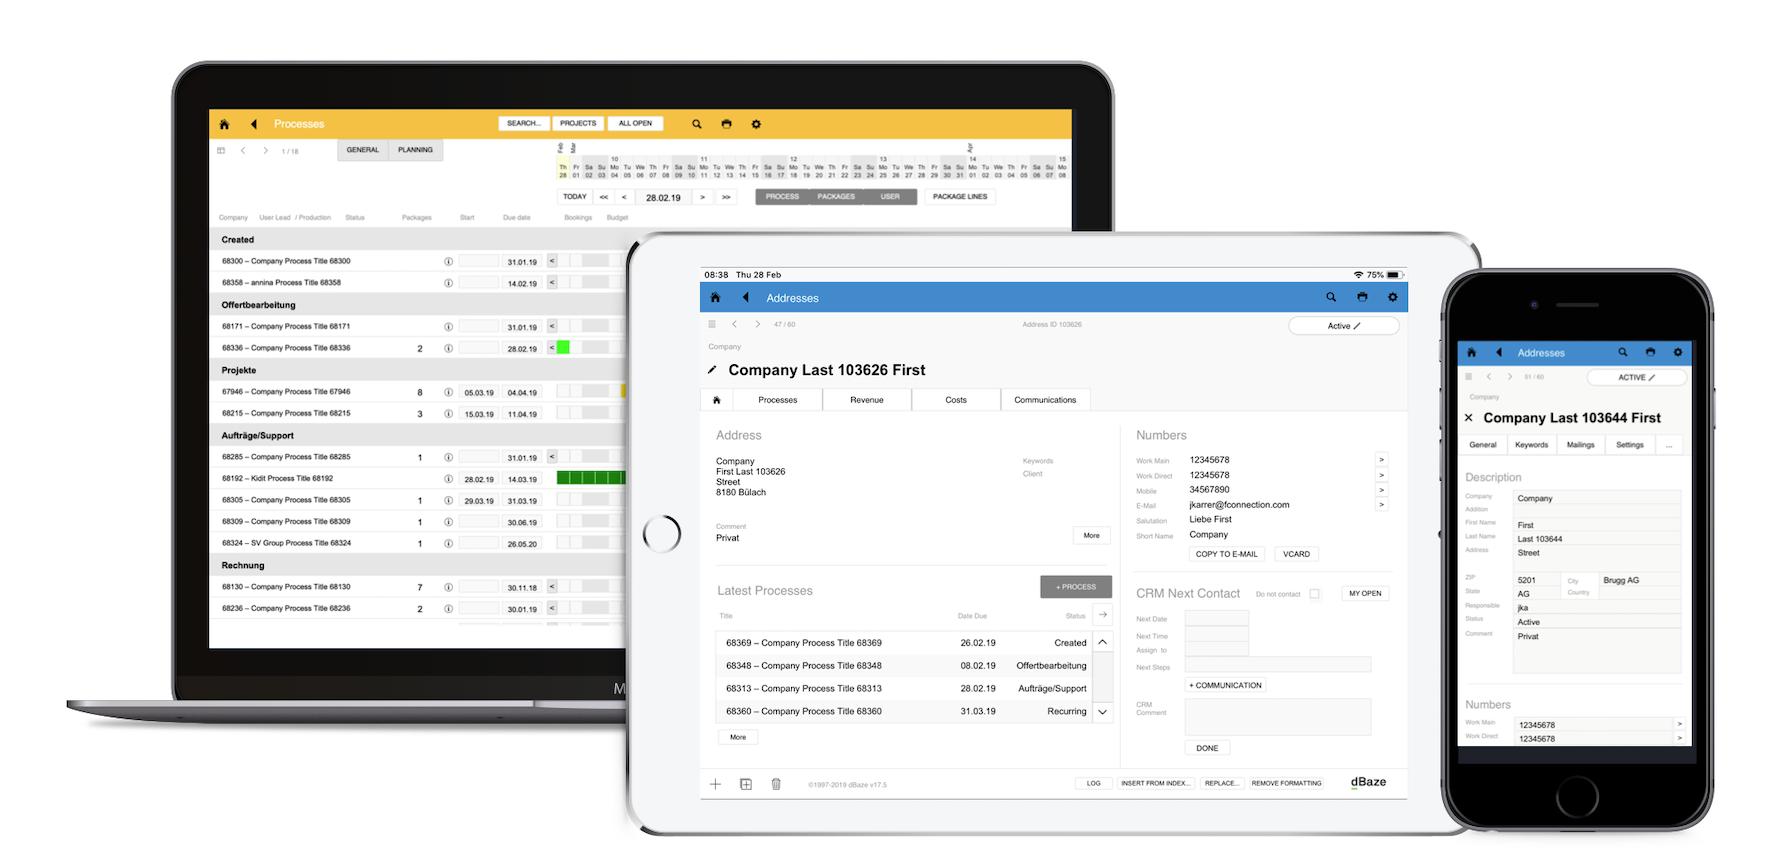 Die Daten werden in der Cloud gehostet und sind per Mac/Win Desktop-Clients, iOS Client sowie webbasiert zugänglich.